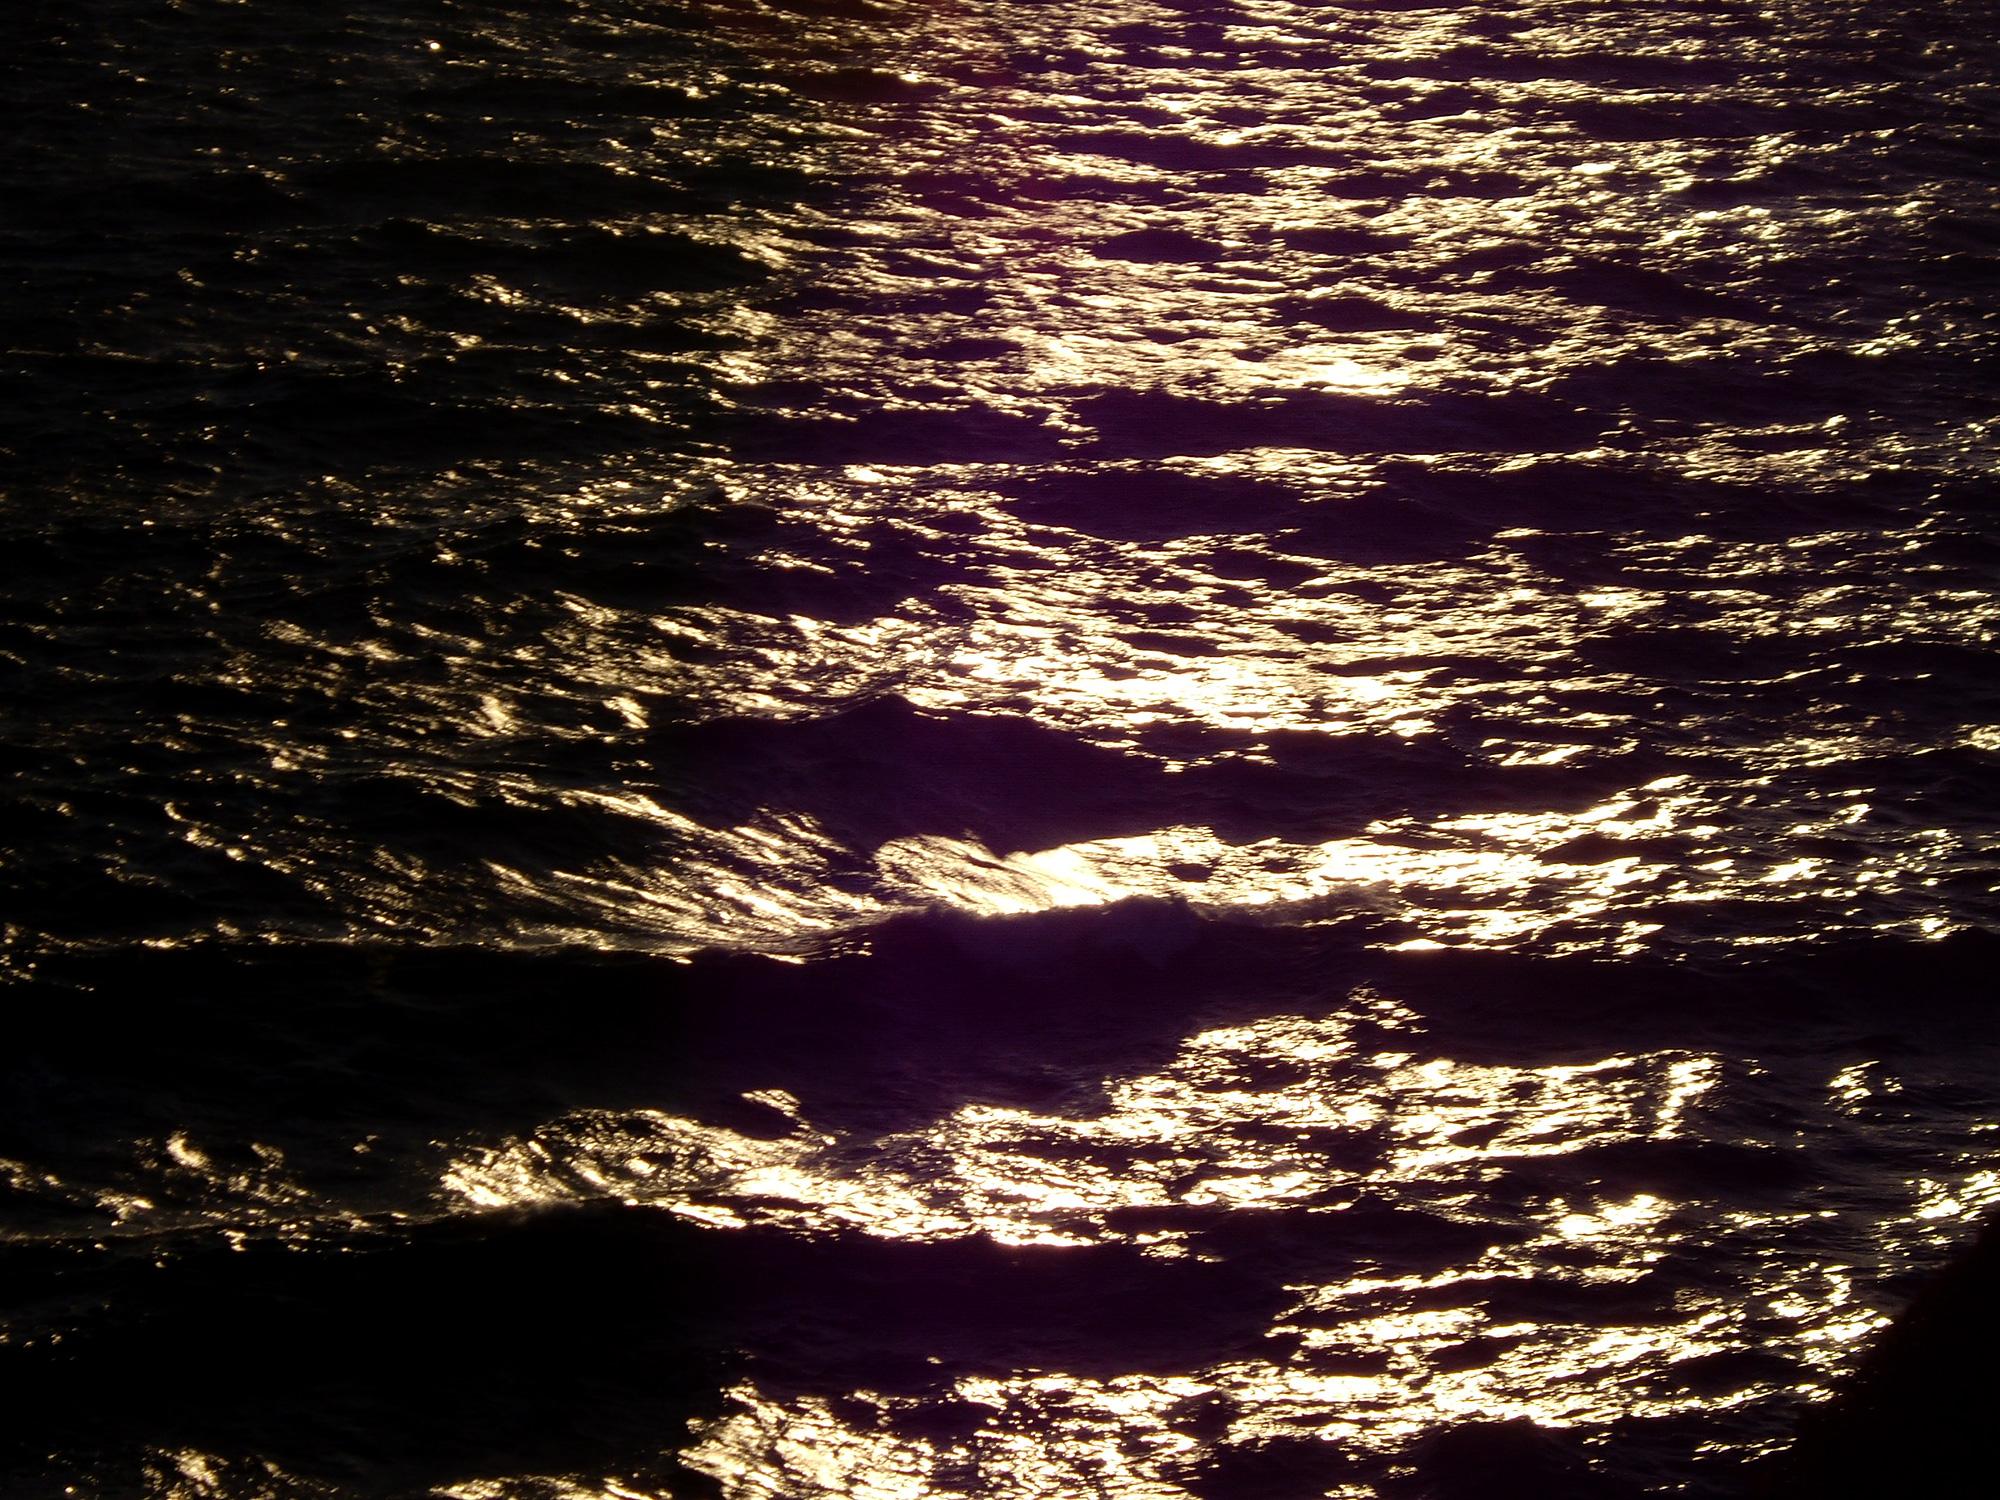 ギラギラ光る水面の写真の無料素材